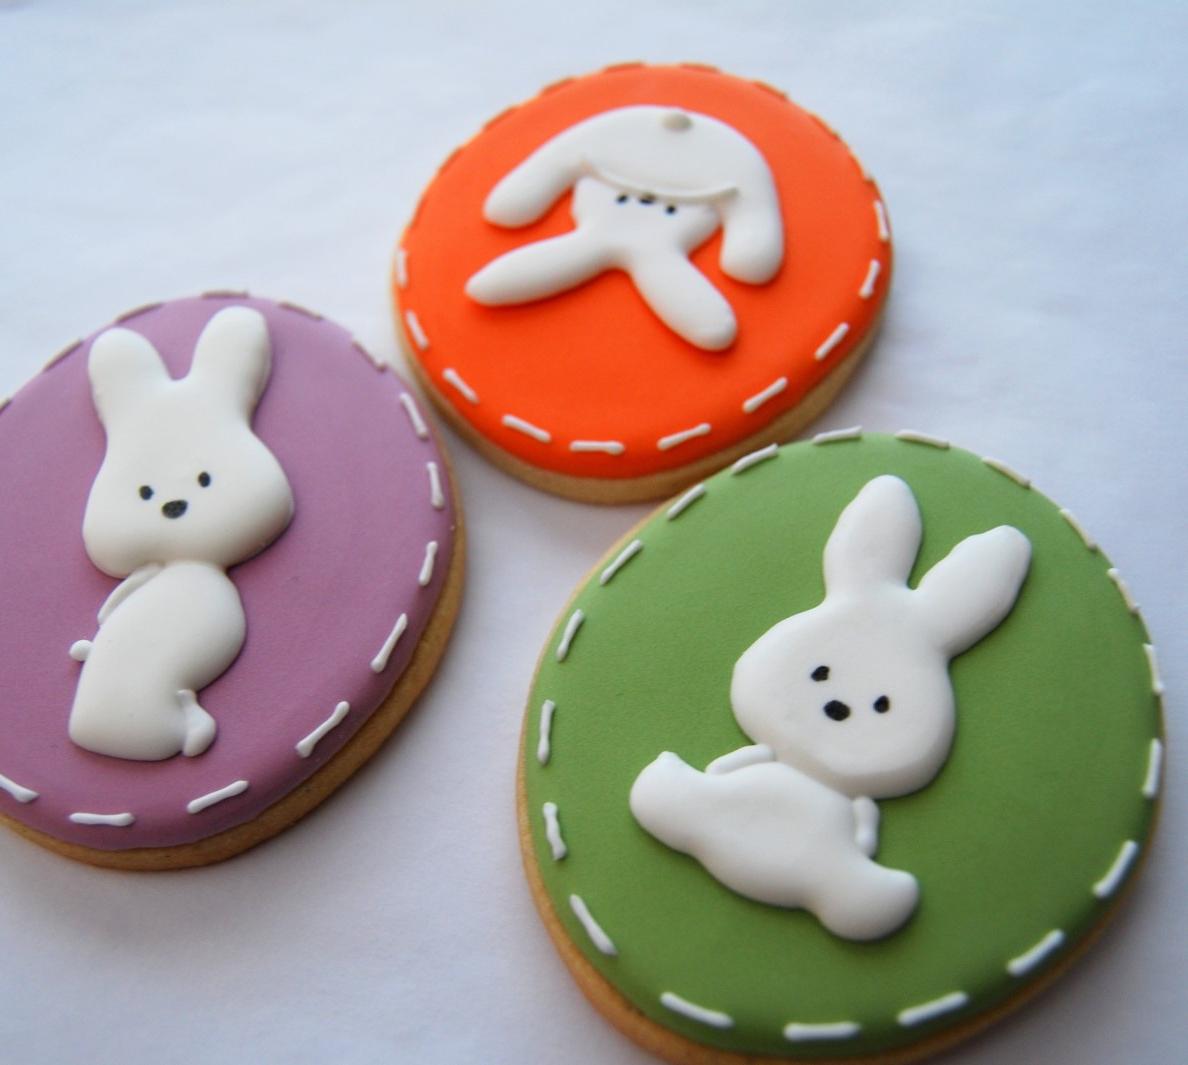 Recette de biscuits sucrés au fondant pour Pâques